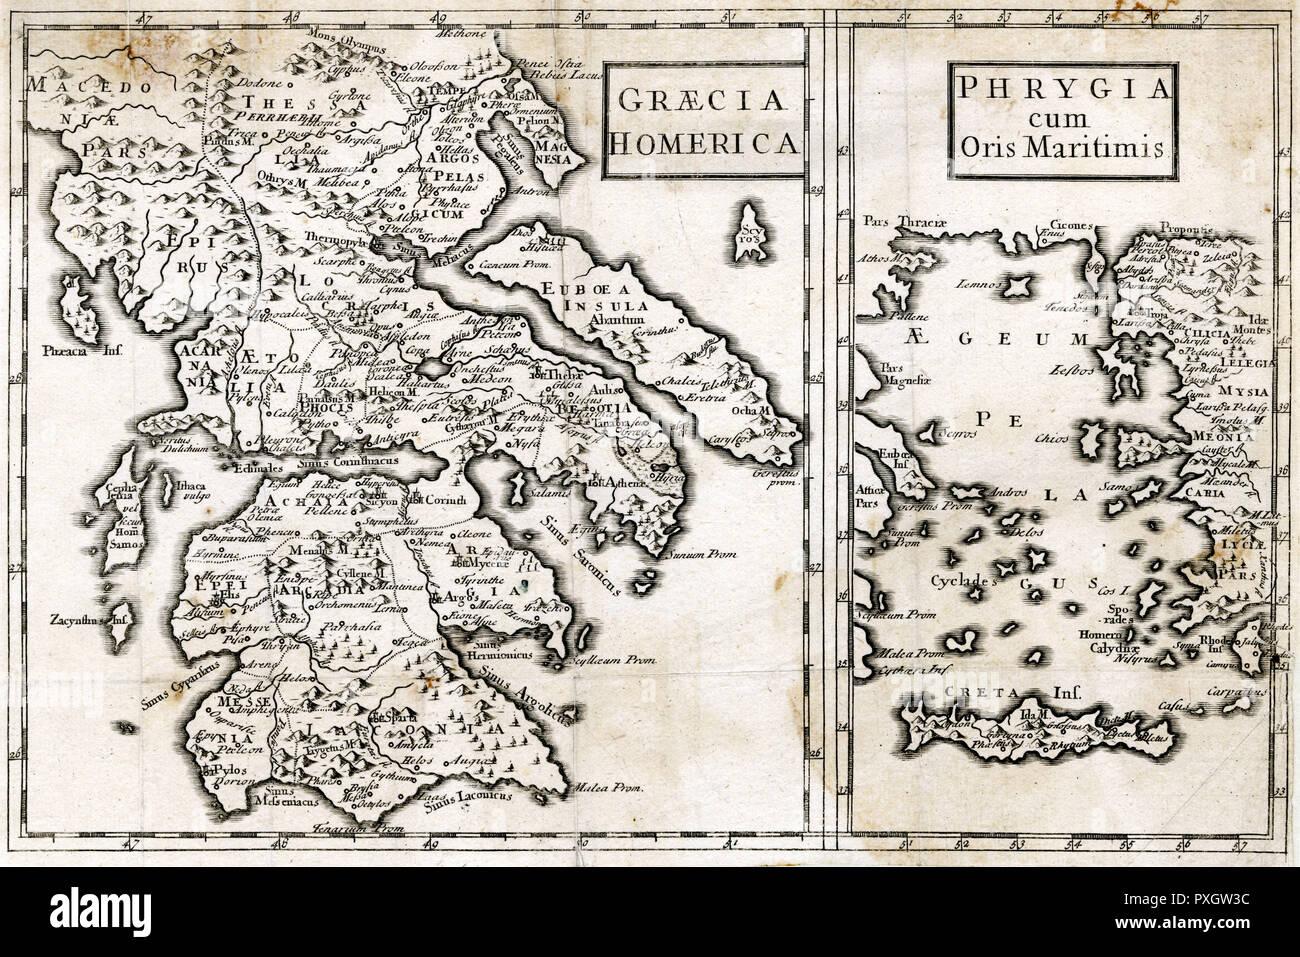 Cartina Della Grecia Antica In Italiano.Mappa Della Grecia Antica Frigia E Creta Al Tempo Di Omero Data Bc Foto Stock Alamy